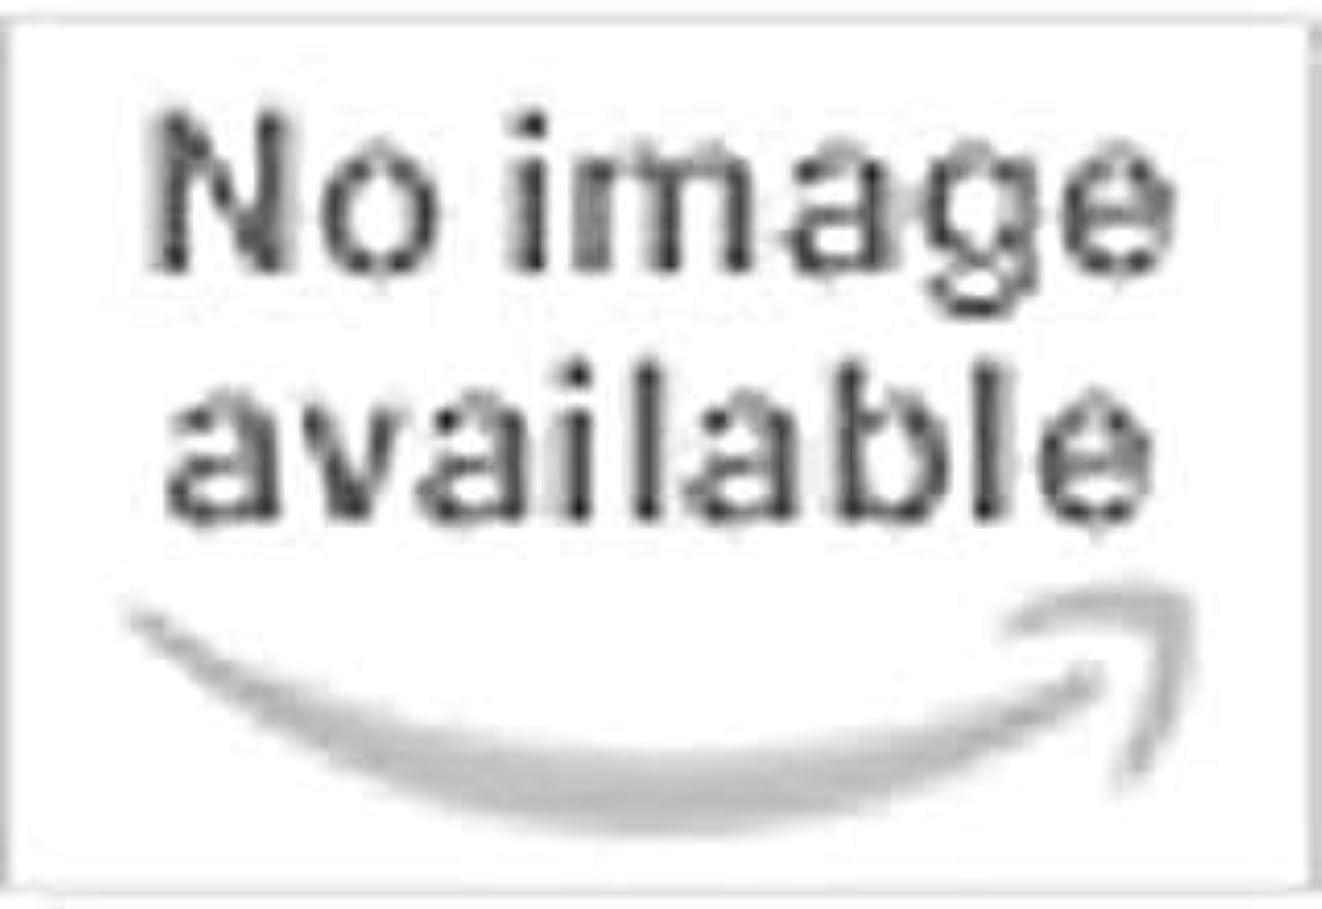 追い越す責任者節約Schwarzkopf エッセンスアンモニアフリーパーマネントヘア 色 植物脂質テクノロジー(洗練された色合いアプリケーターブラシ付き)ヘアカラー(4-0ミディアムナチュラルブラウン)